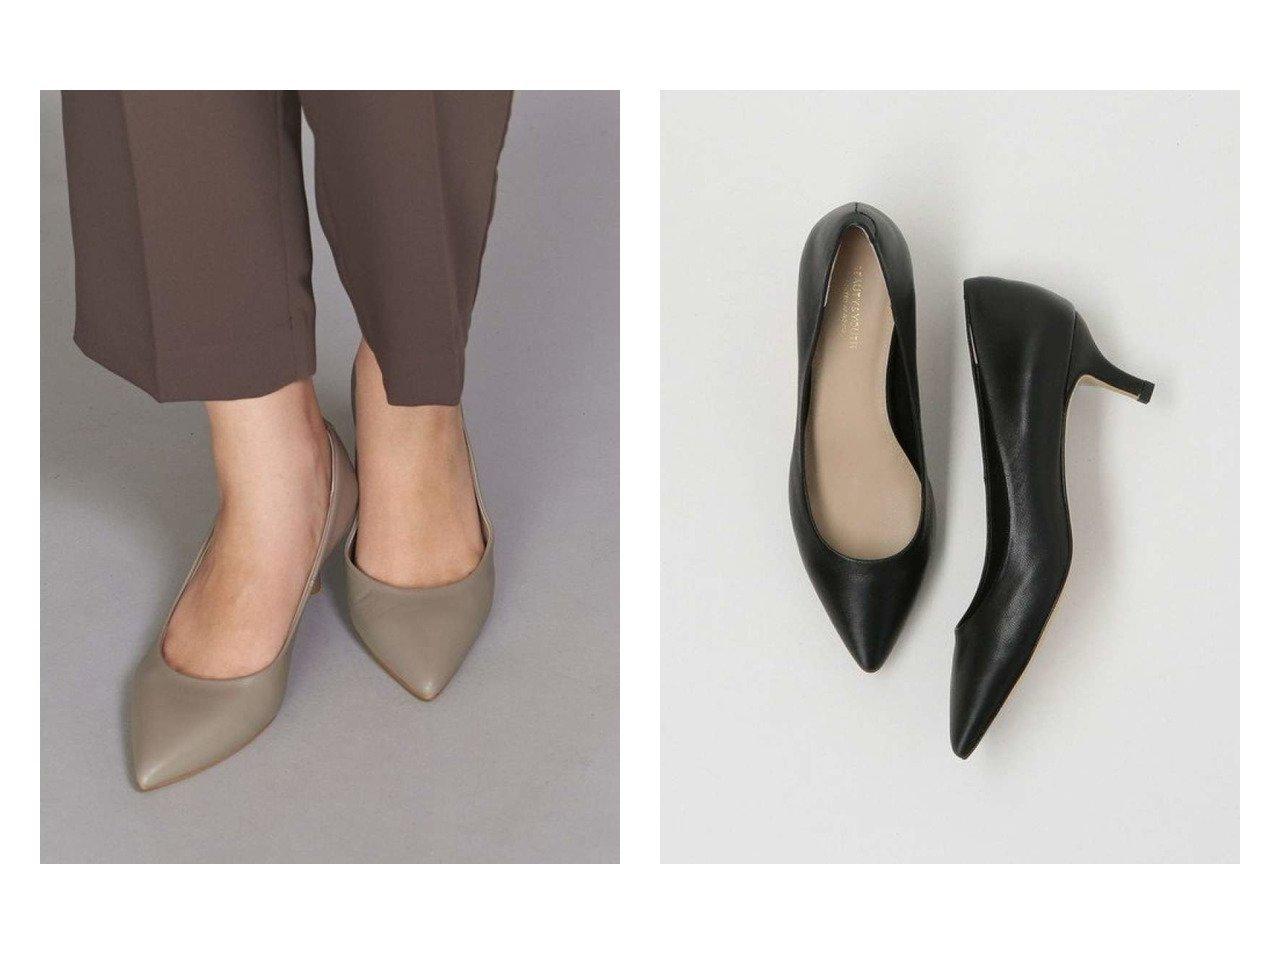 【BEAUTY&YOUTH UNITED ARROWS/ビューティアンド ユースユナイテッドアローズ】のBY レザーポインテッドパンプス シューズ・靴のおすすめ!人気、トレンド・レディースファッションの通販 おすすめで人気の流行・トレンド、ファッションの通販商品 メンズファッション・キッズファッション・インテリア・家具・レディースファッション・服の通販 founy(ファニー) https://founy.com/ ファッション Fashion レディースファッション WOMEN クッション シューズ シンプル フェミニン ミドル 人気 定番 Standard |ID:crp329100000013682